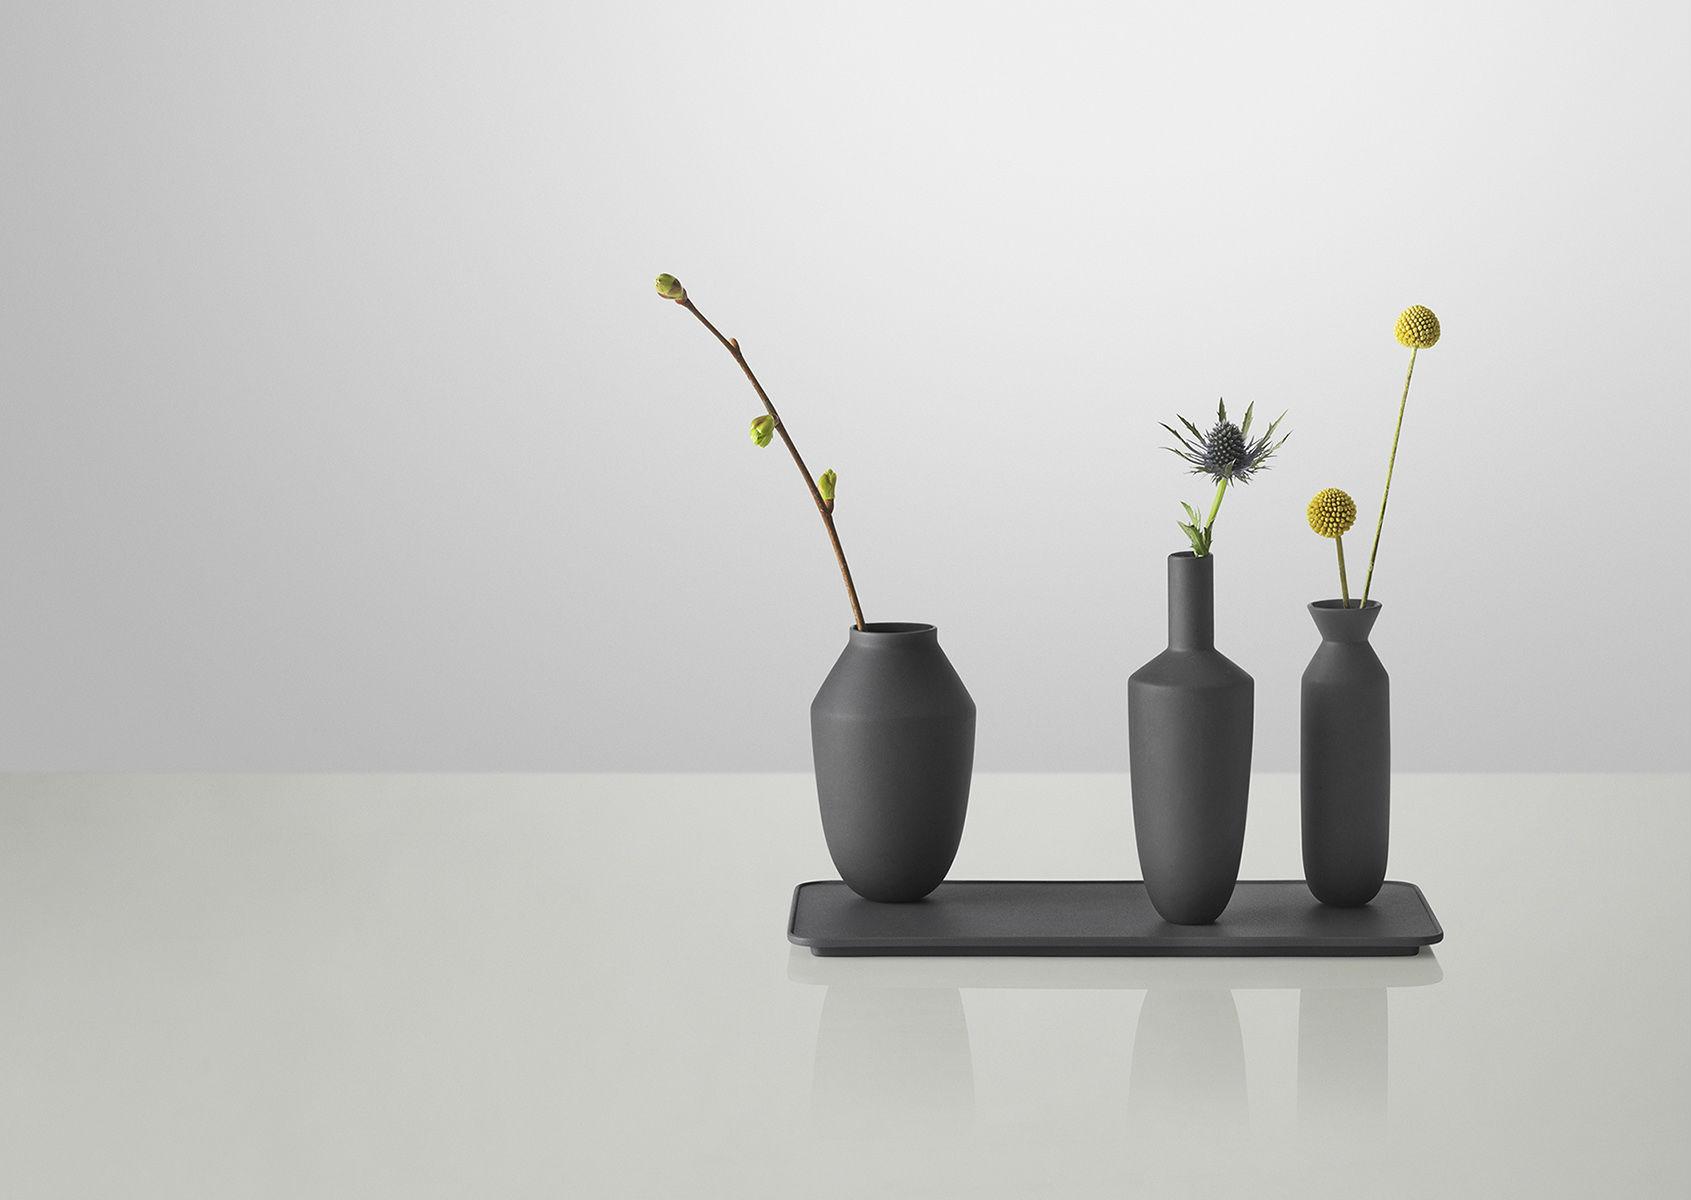 Vases-aimantés-Balance-Muuto-03